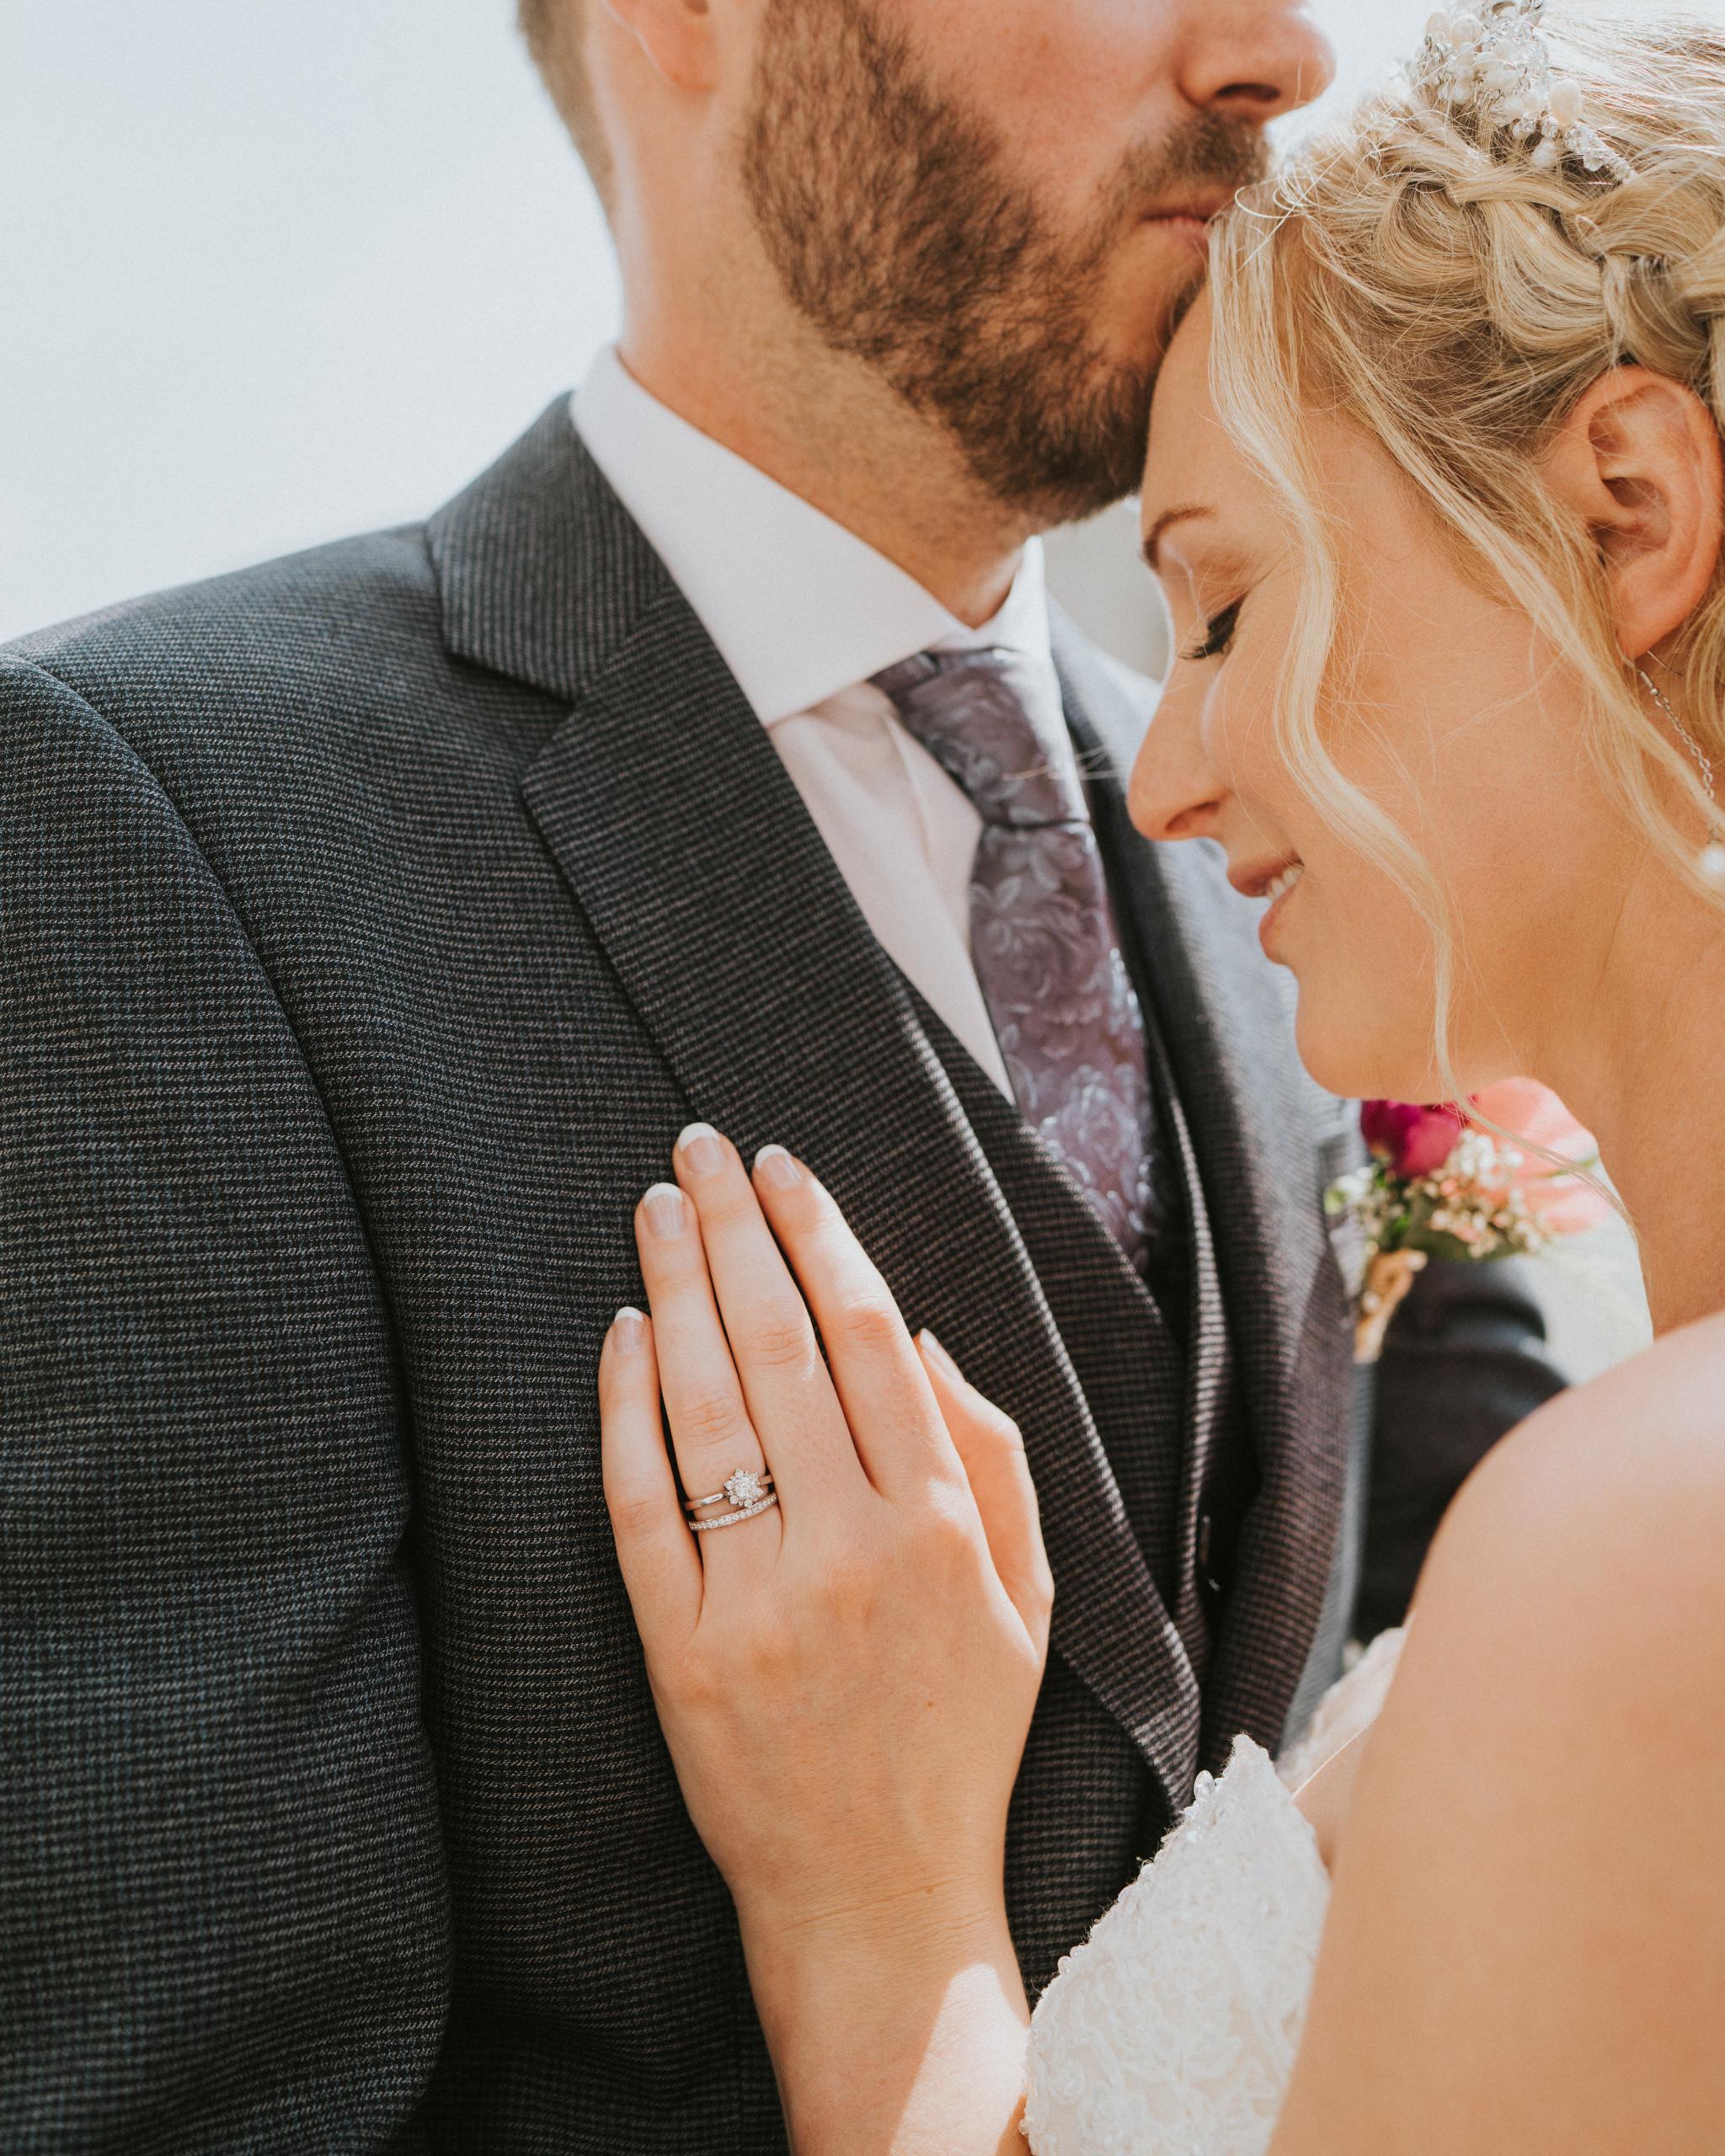 grace-elizabeth-essex-wedding-photographer-best-2018-highlights-norfolk-essex-devon-suffolk (29 of 100).jpg